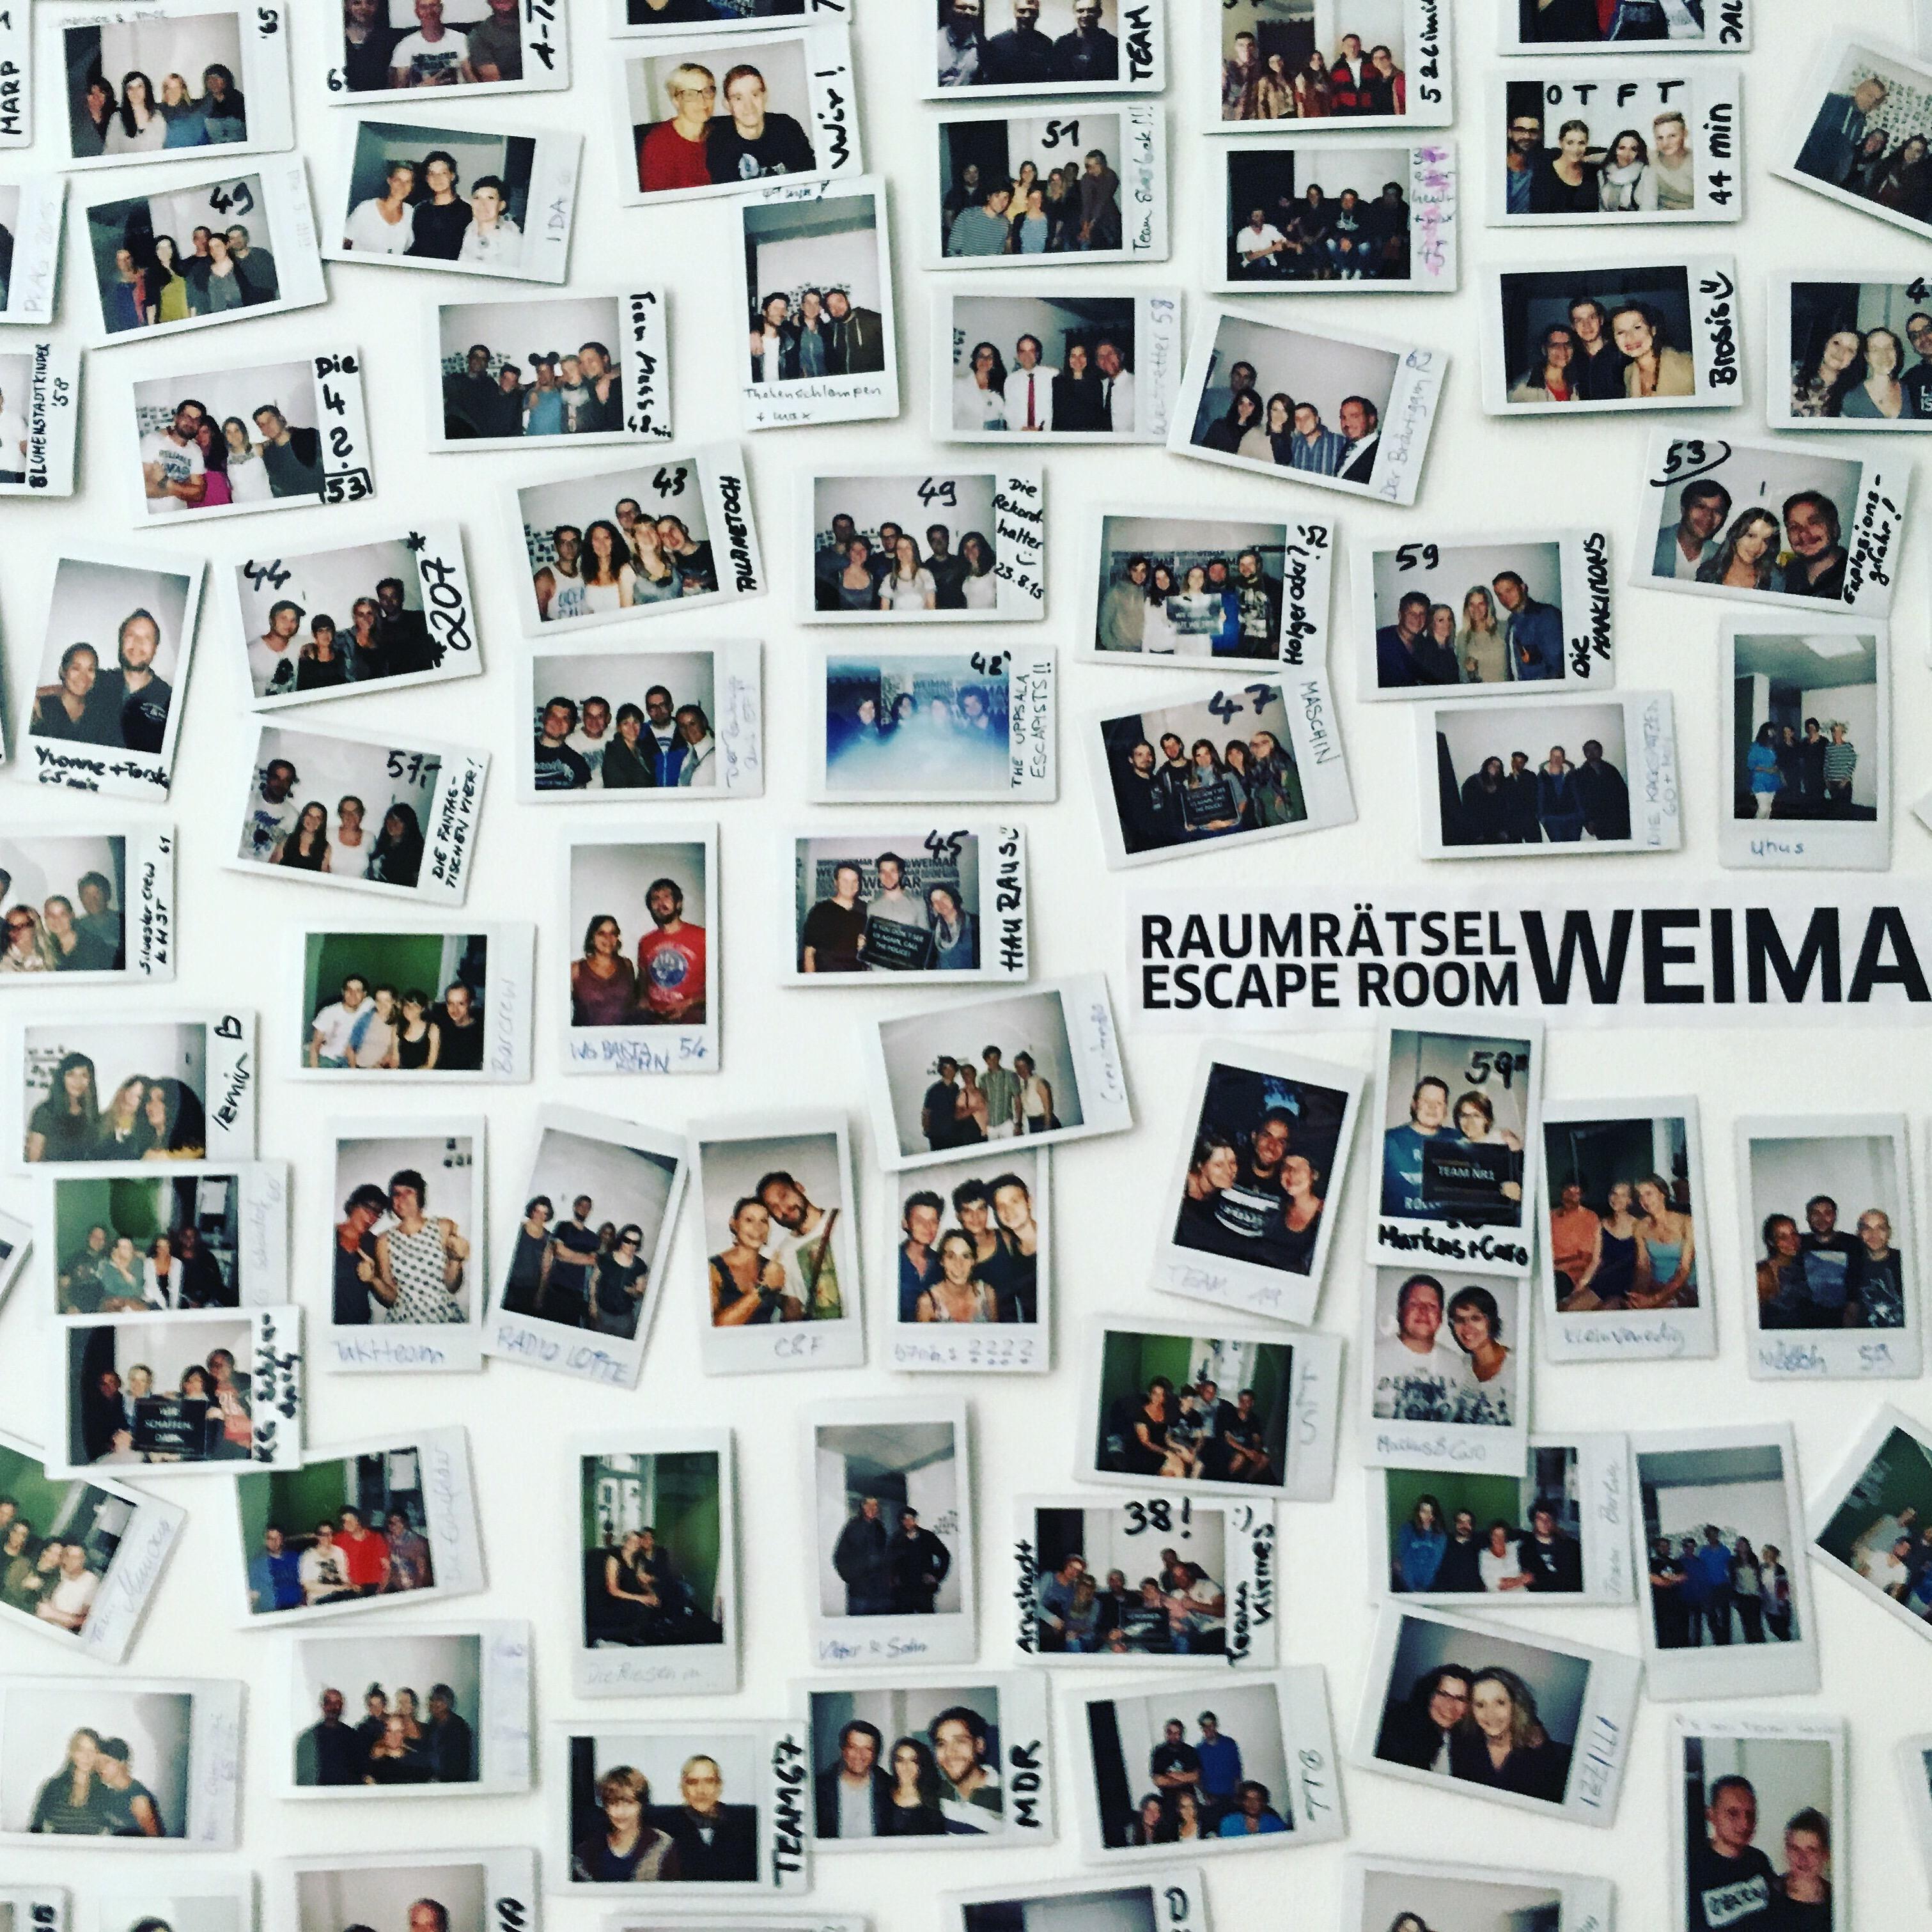 Raumrätsel Weimar